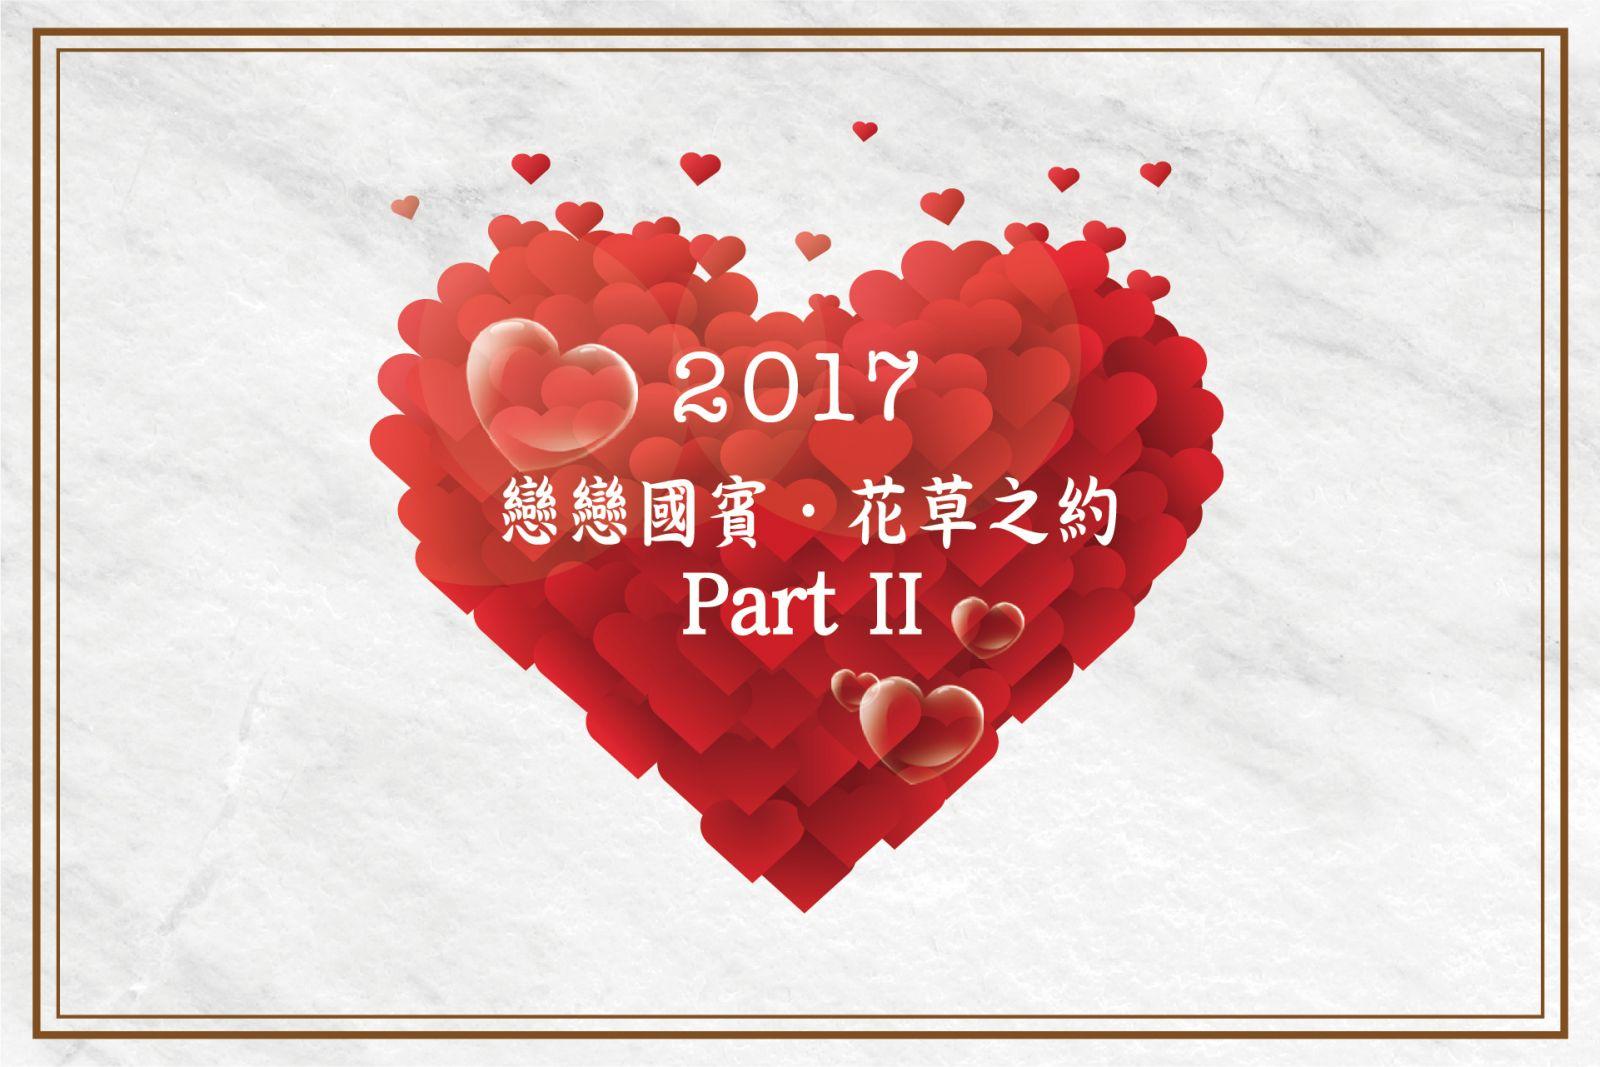 戀戀國賓 花草之約Part II